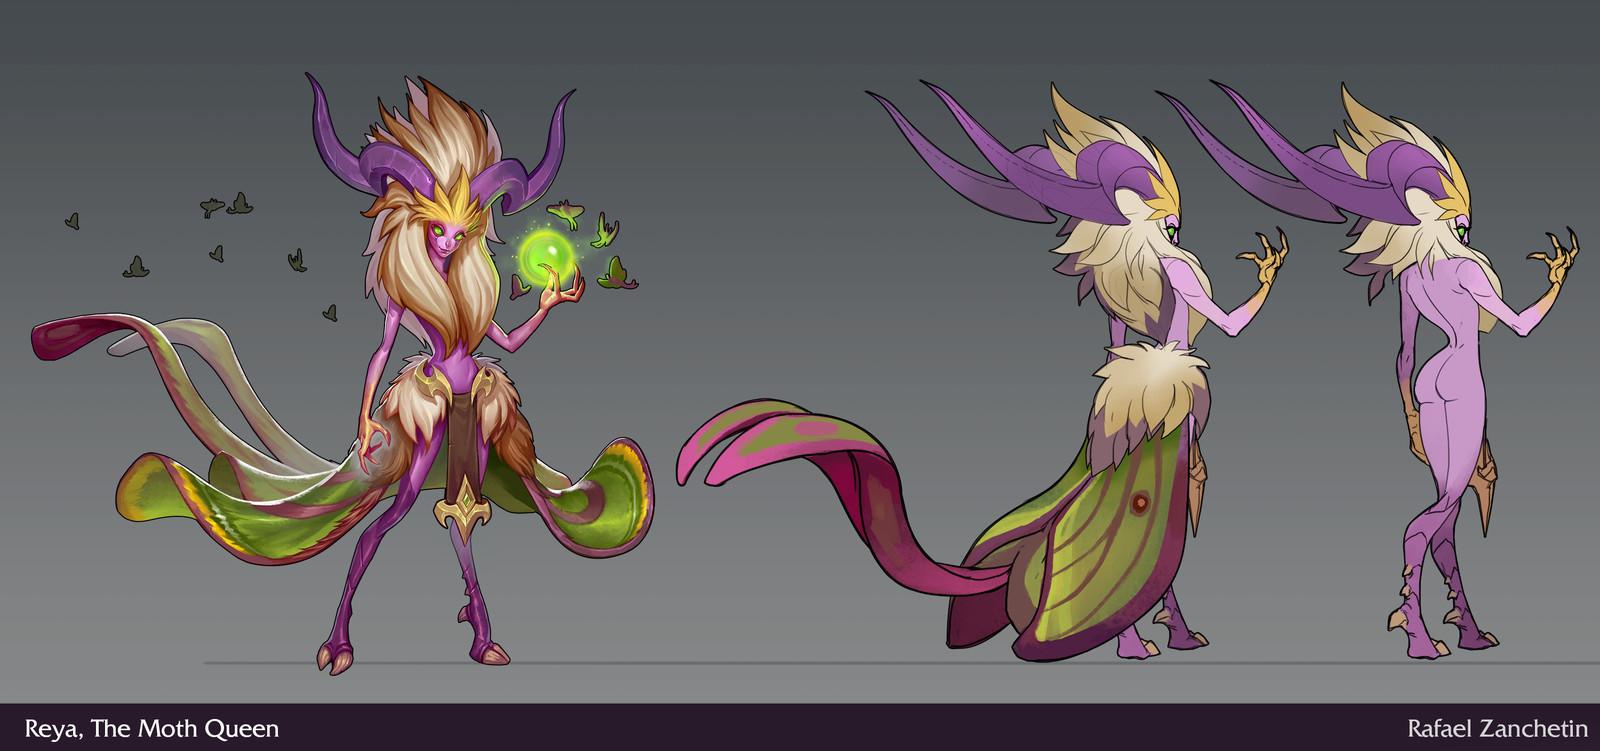 Reya, The Moth Queen.